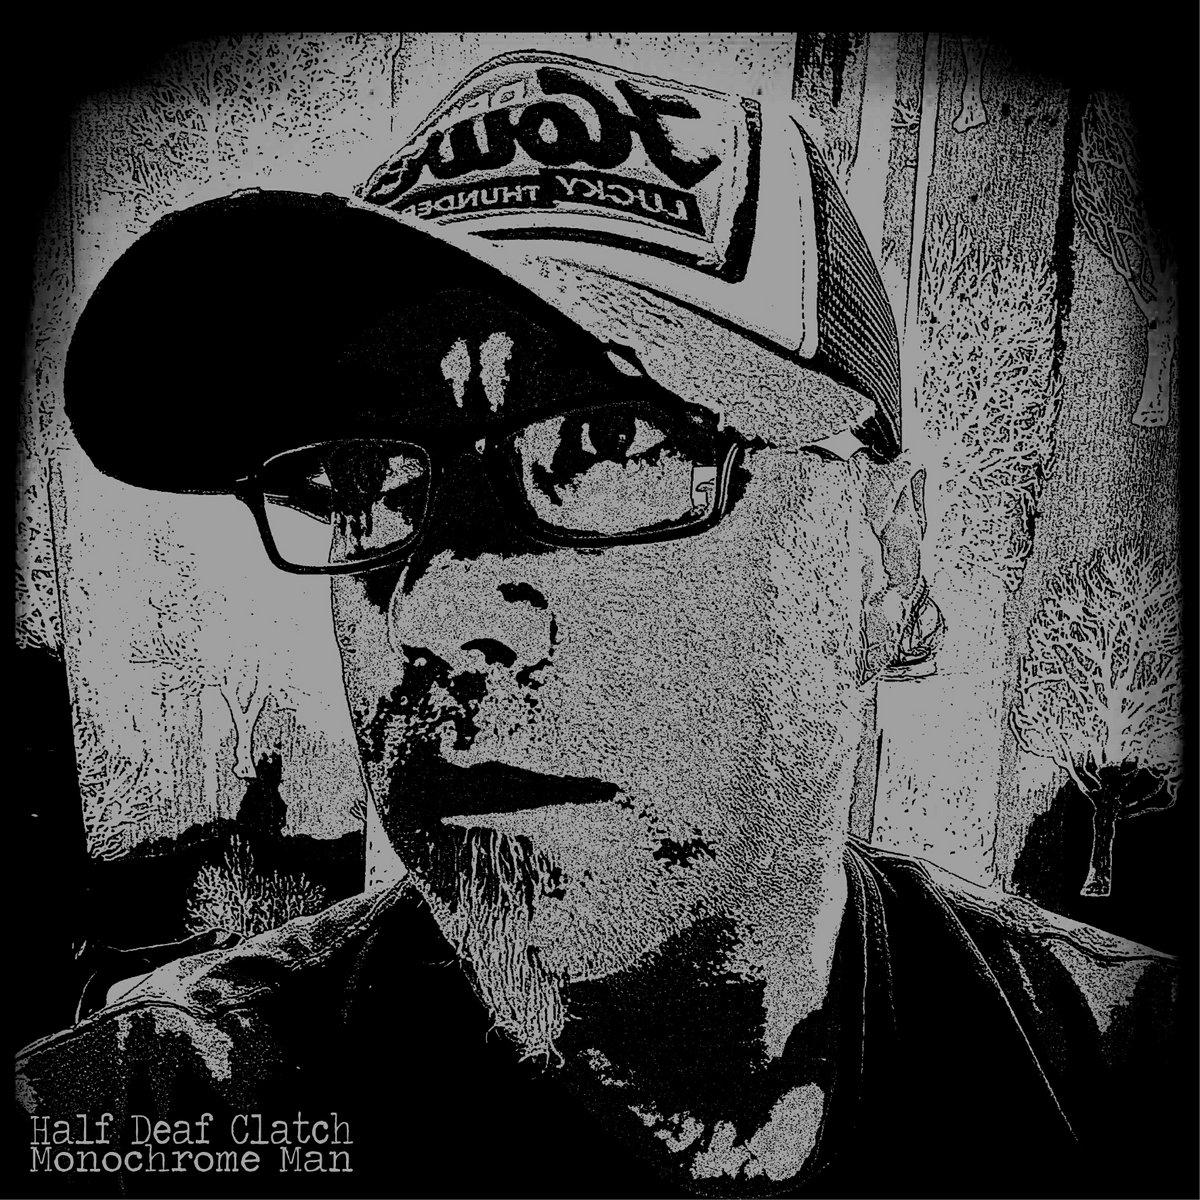 Monochrome Man by Half Deaf Clatch